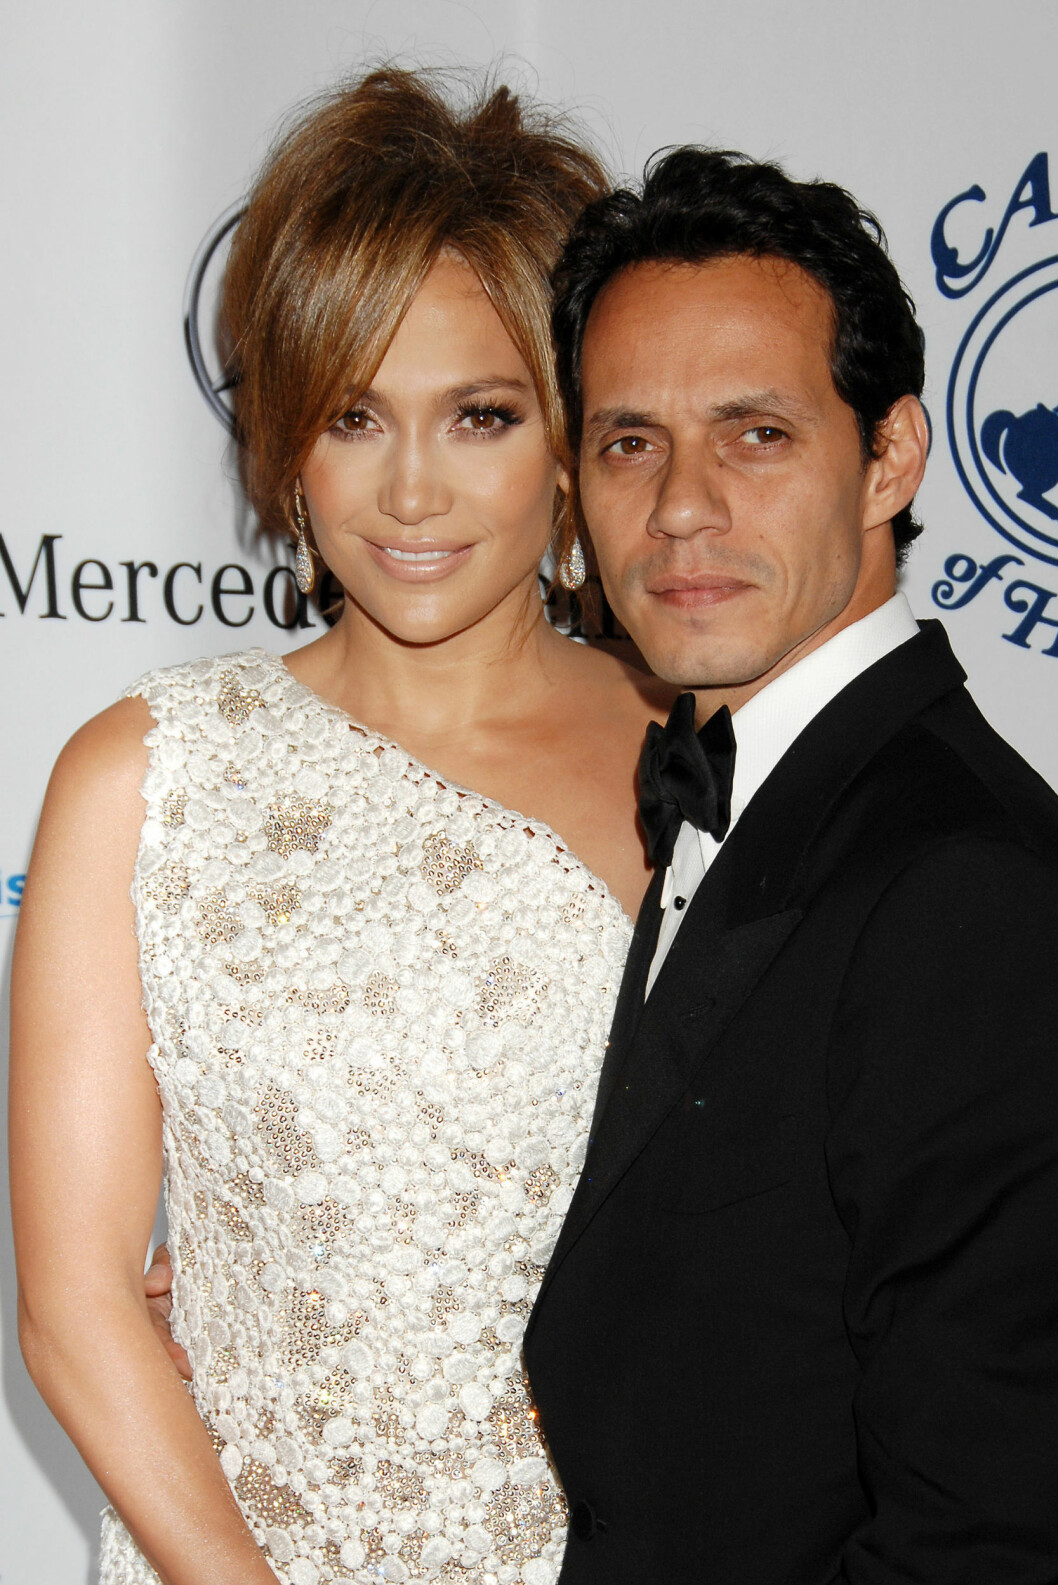 FIKK BARN: Jennifer fikk to barn med Marc Anthony. Bruddet var et faktum i 2012, men skilsmissen er fortsatt ikke klar.